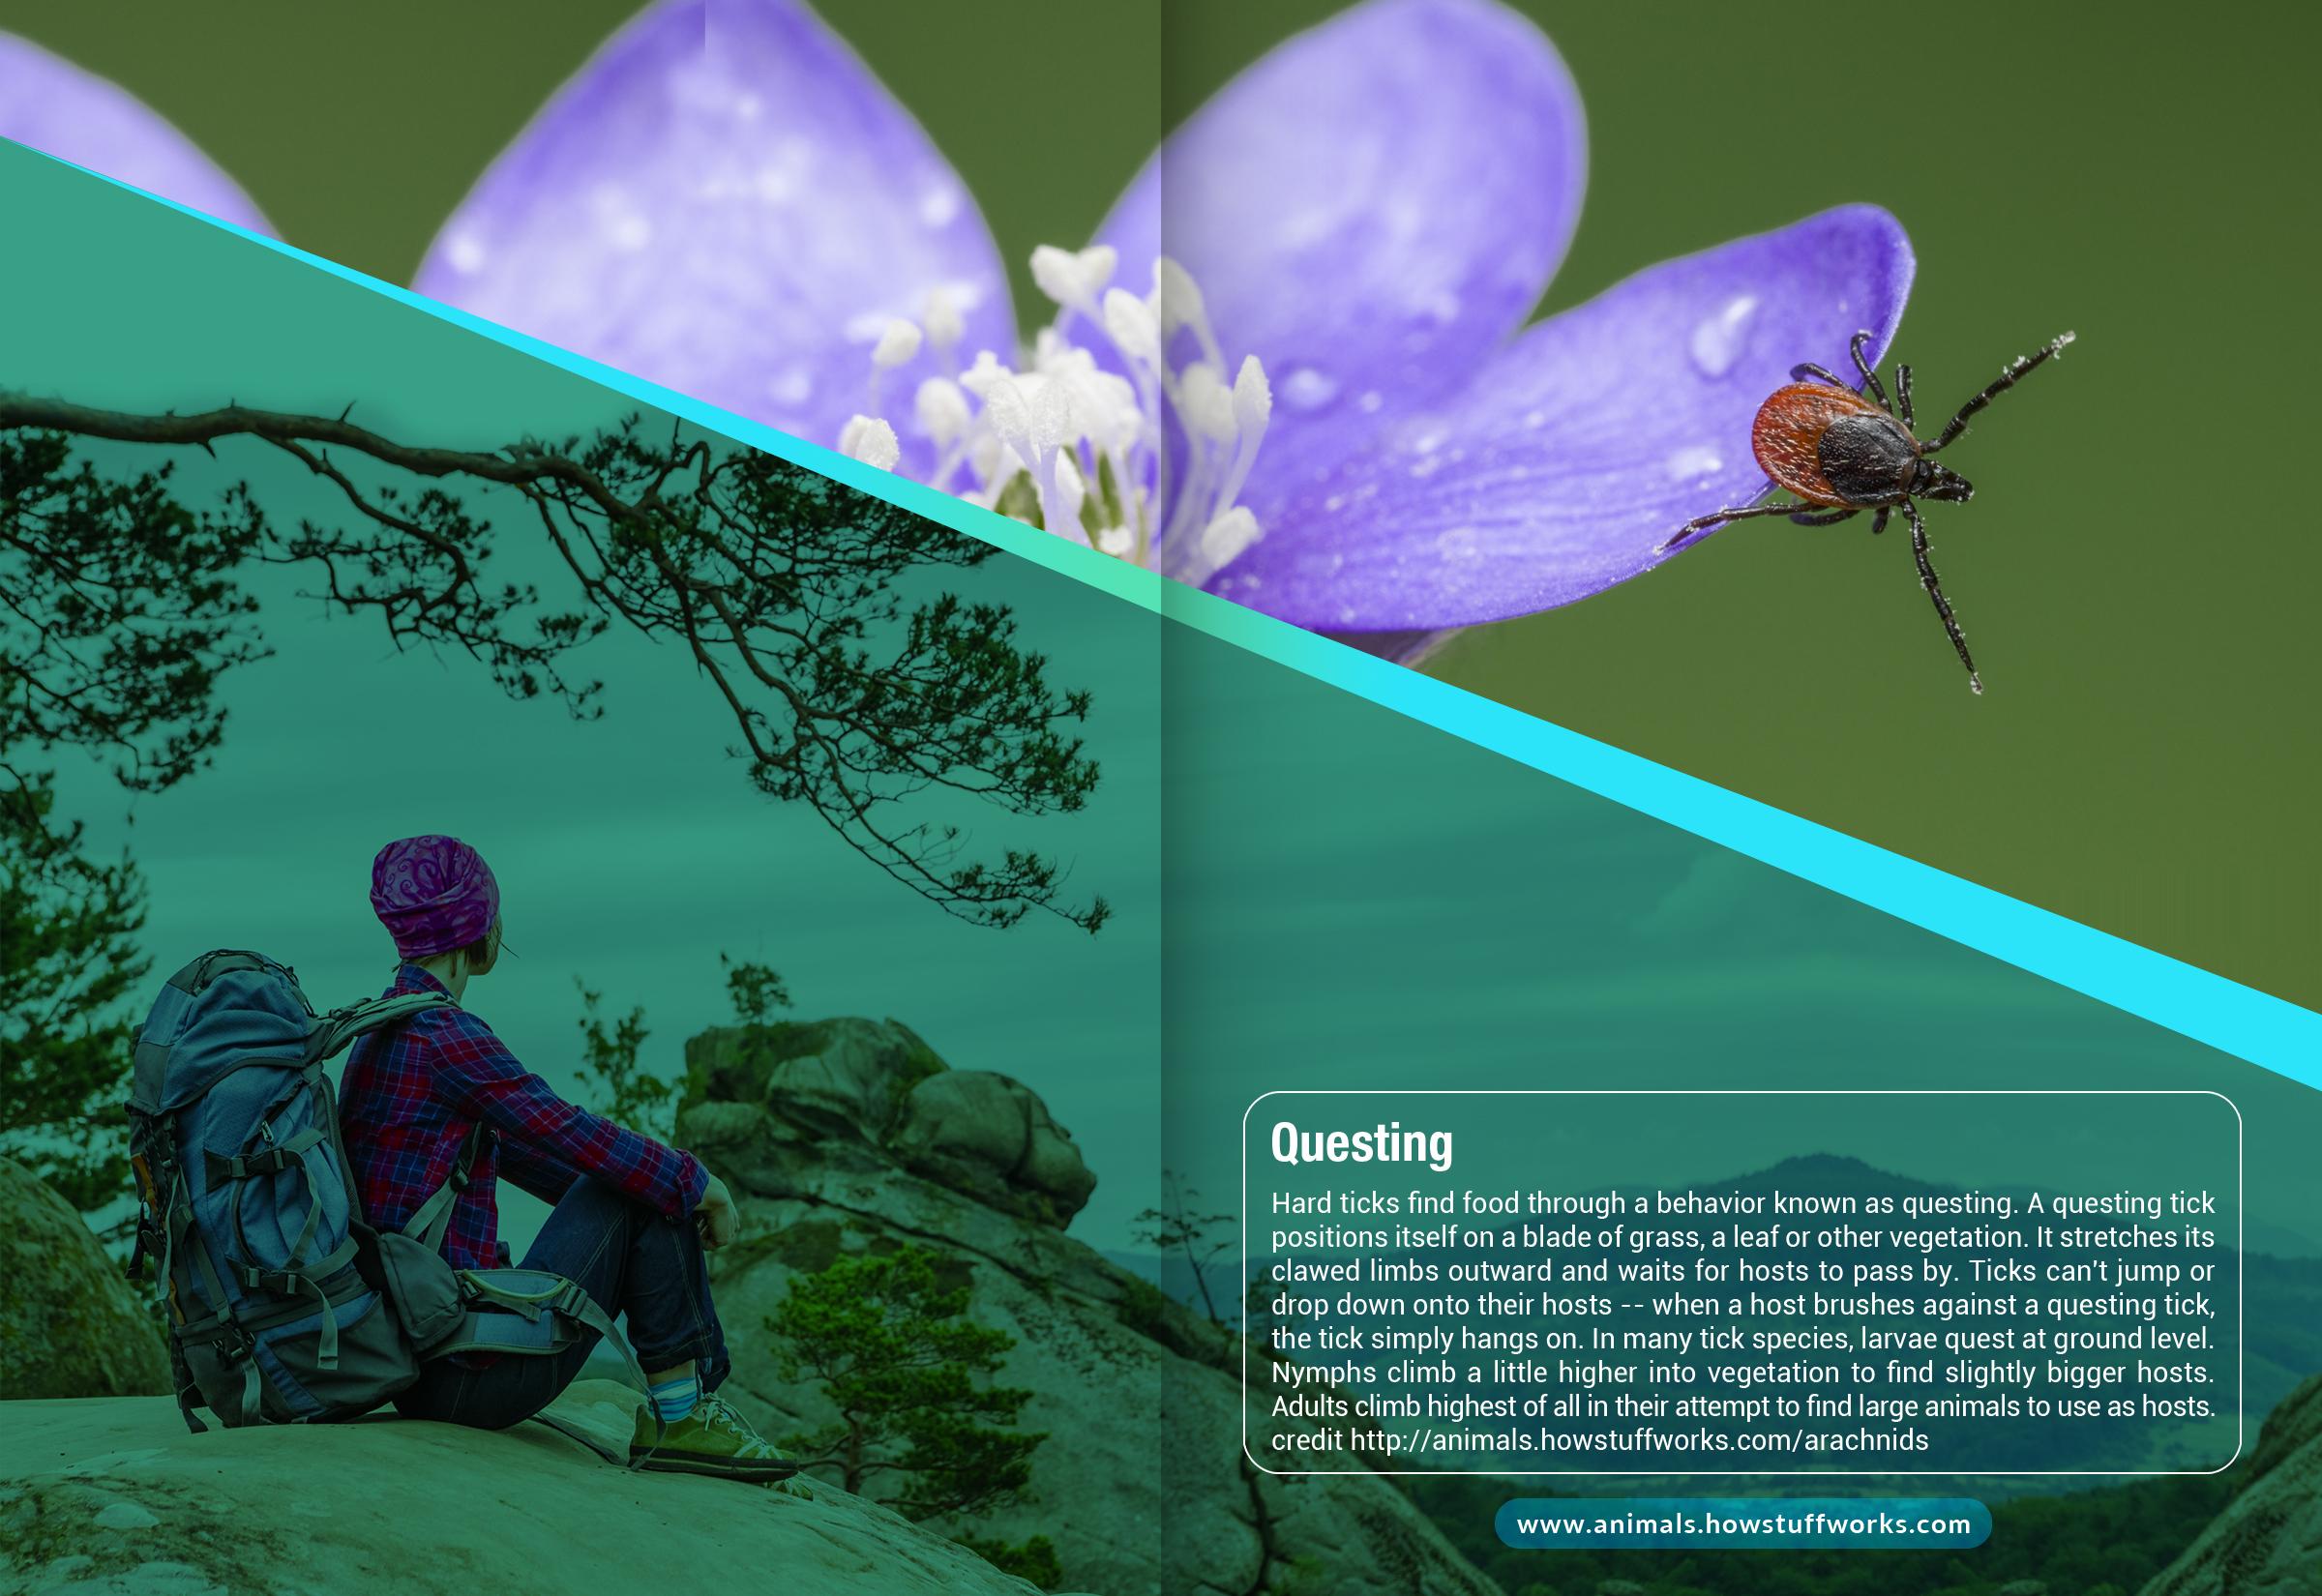 Tick Disease and Testing_Brochure_Inside_7_150617.jpg